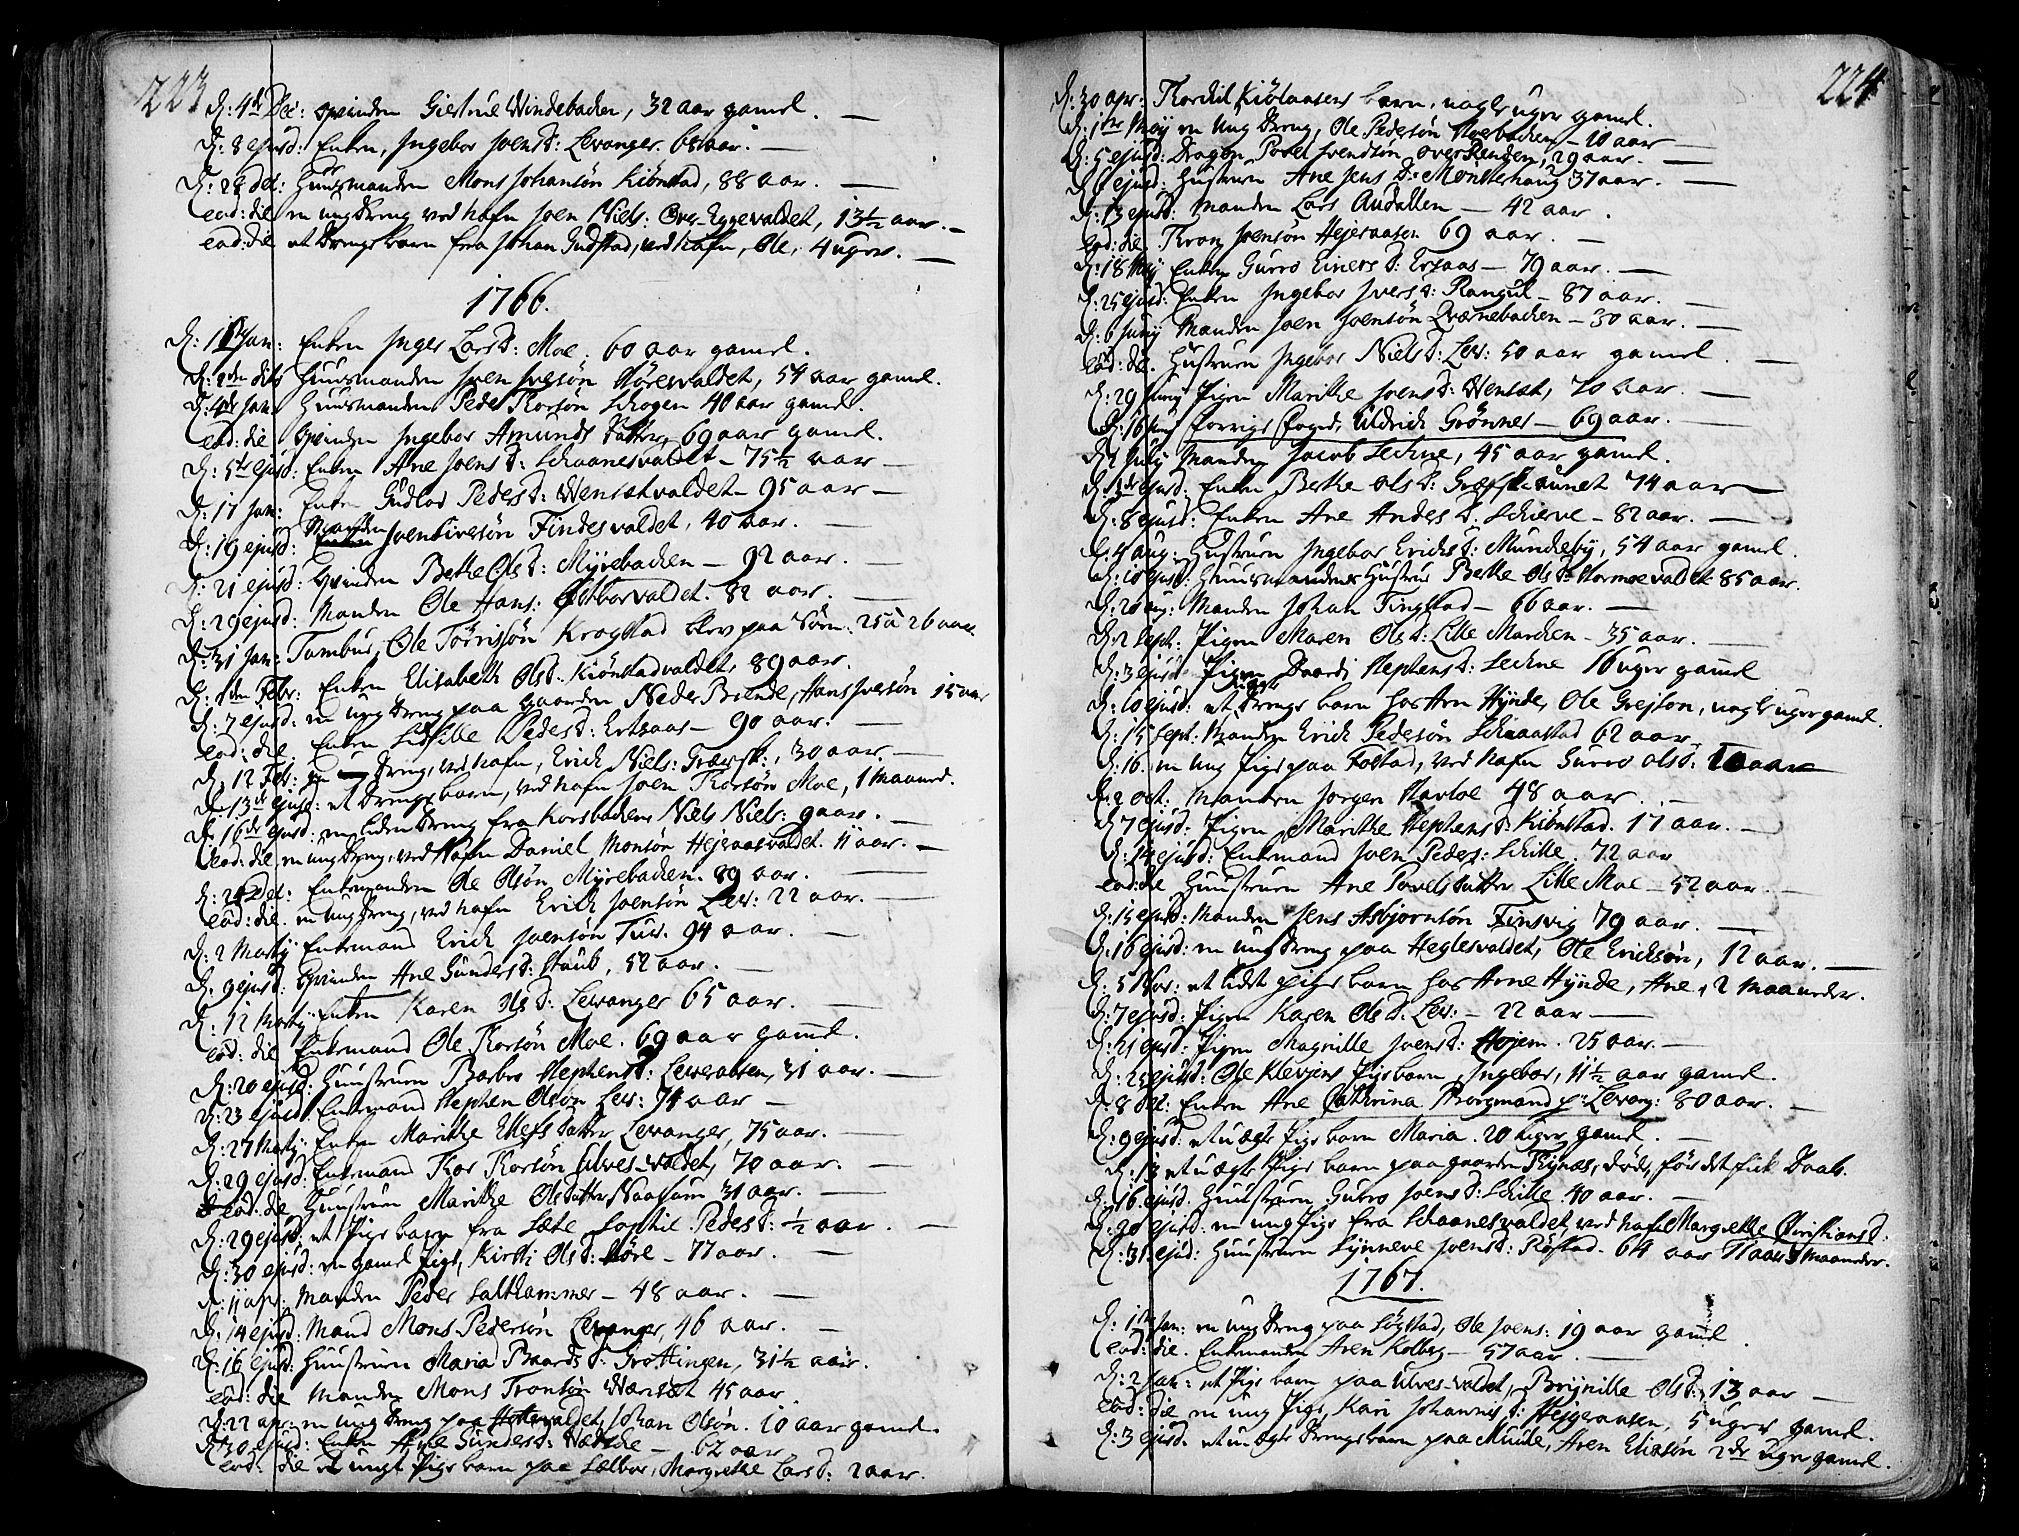 SAT, Ministerialprotokoller, klokkerbøker og fødselsregistre - Nord-Trøndelag, 717/L0141: Ministerialbok nr. 717A01, 1747-1803, s. 223-224